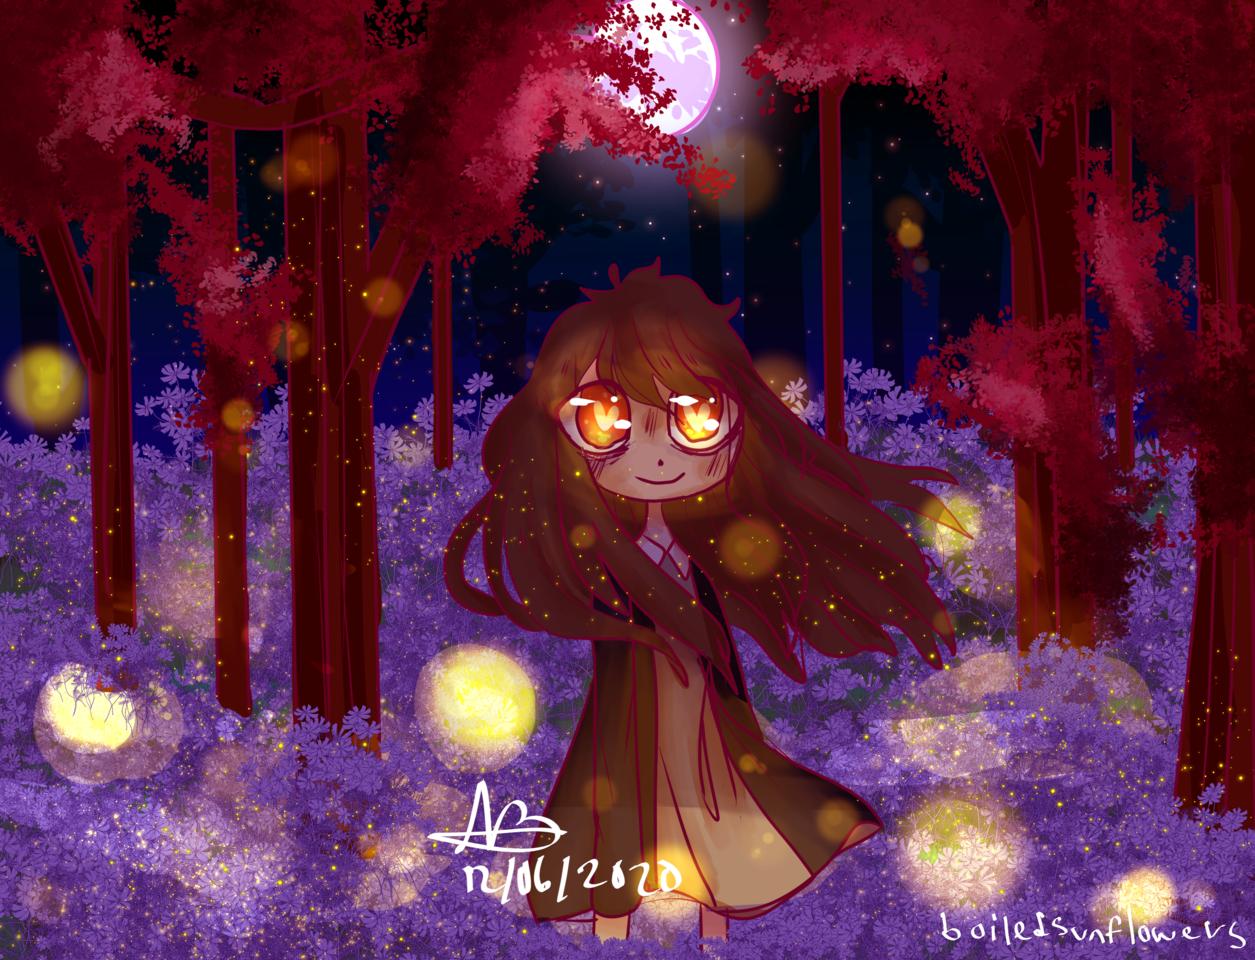 similar  Illust of boiledsunflowers art characterdesign CLIPSTUDIOPAINT light medibangpaint anime illustration Fireflies oc manga